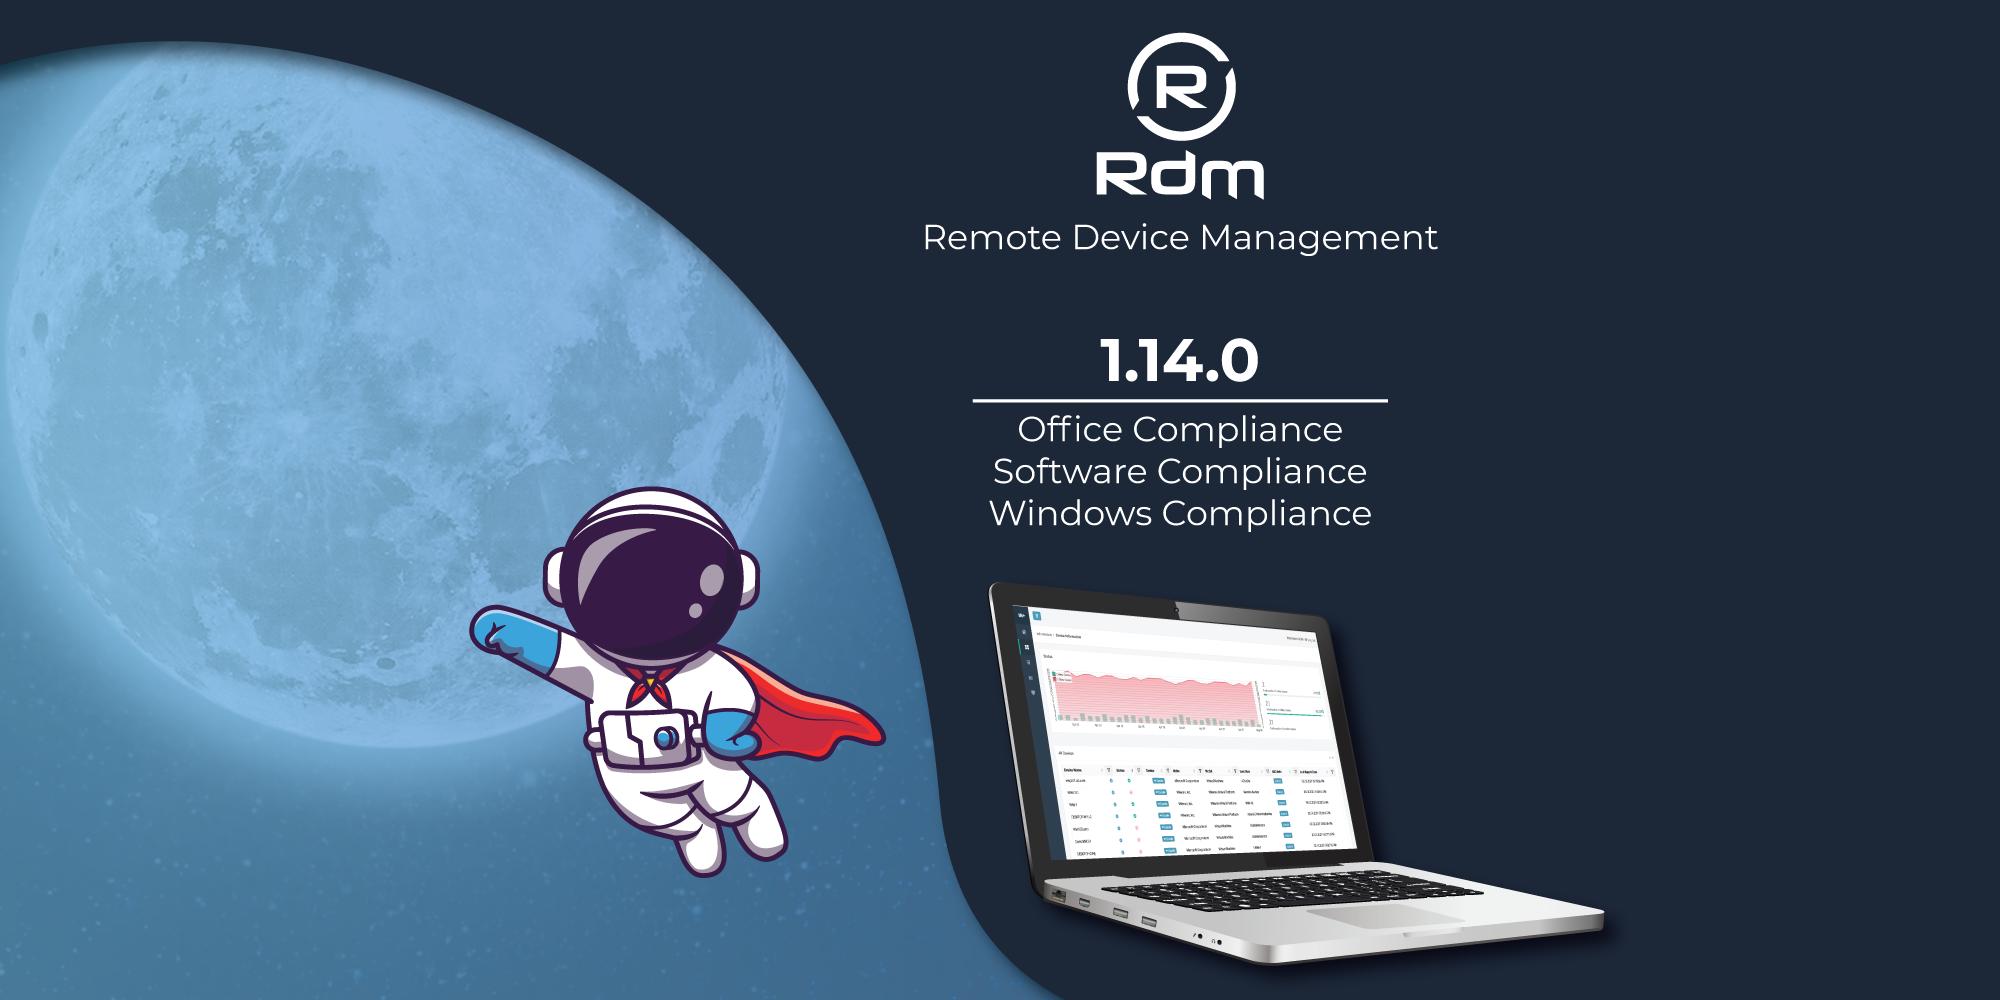 RDM-release-09.2021-v1.2-website